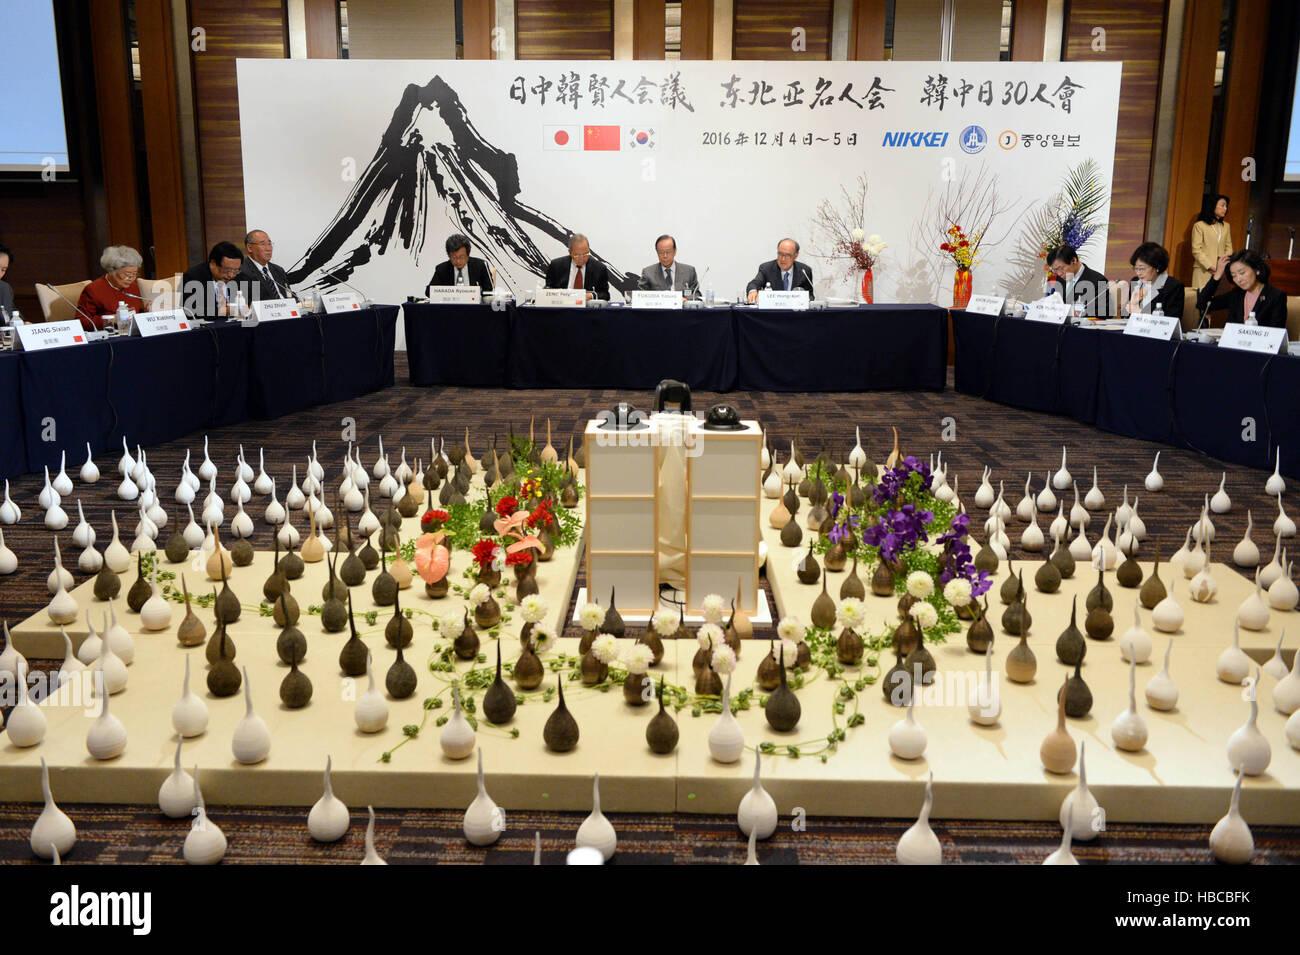 Shizuoka. 5. Dezember 2016. Foto aufgenommen am 5. Dezember 2016 zeigt die 11. Tagung der Northeast Asia trilateralen Stockbild